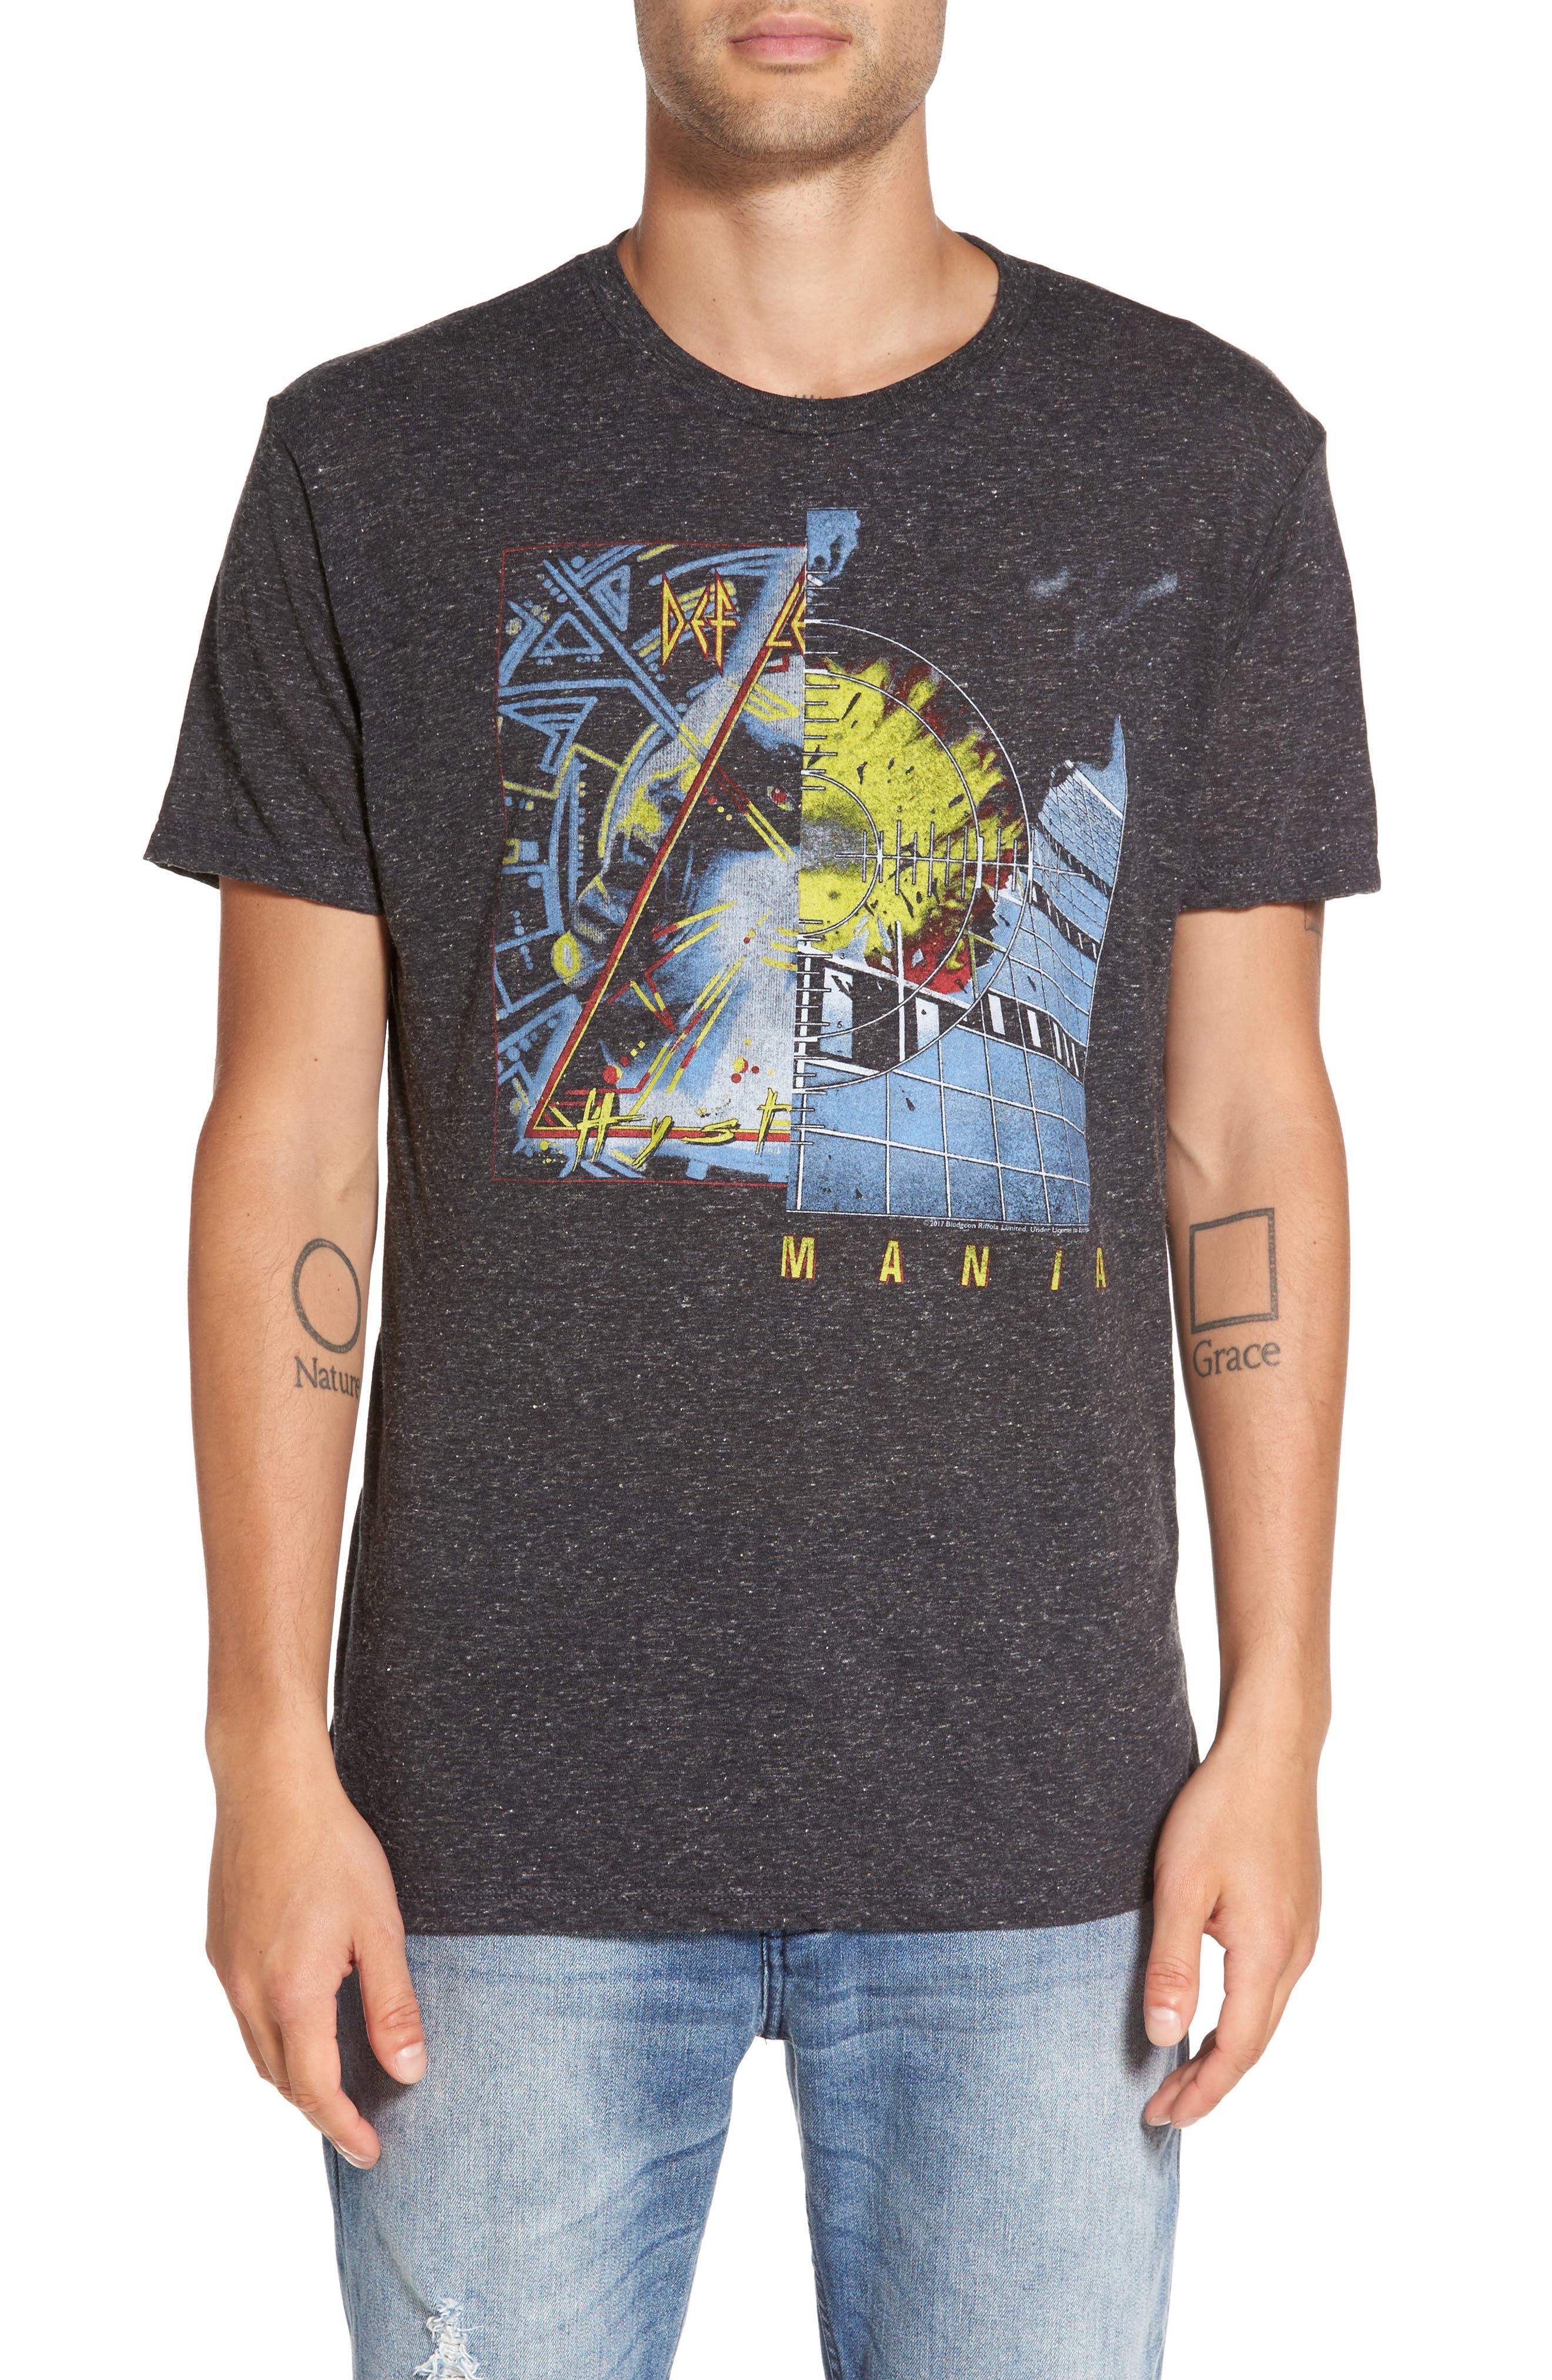 The Rail Def Leppard T-Shirt